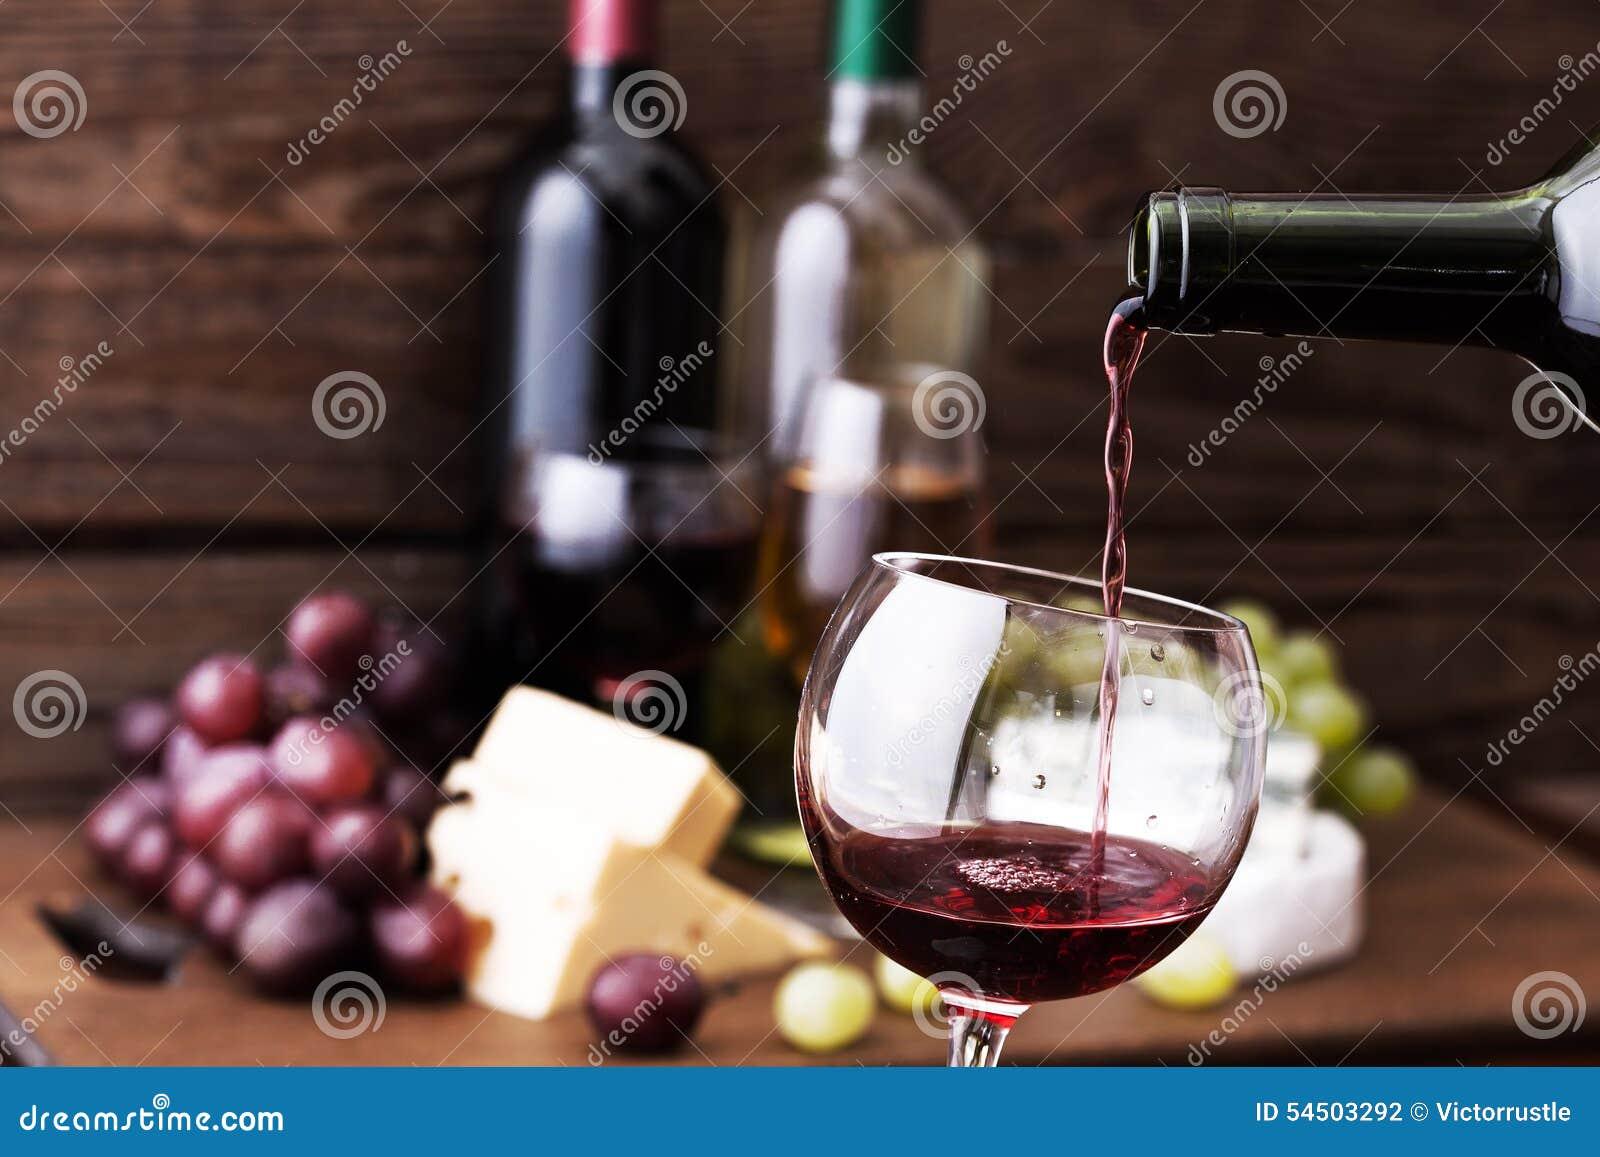 Vin rouge versant dans le verre, plan rapproché